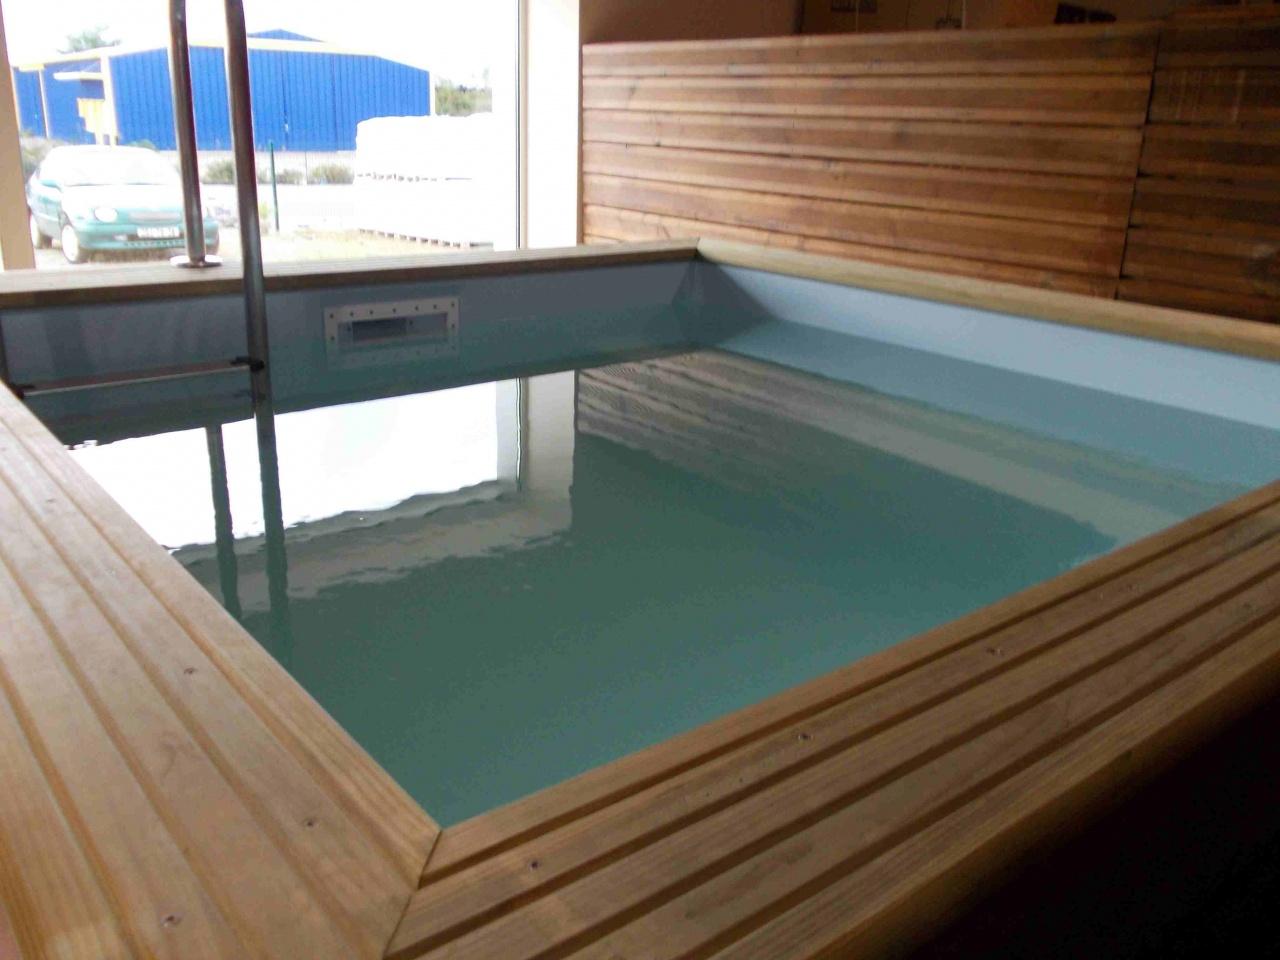 Le blog de la piscine bois juin 2013 for Piscine carre bois